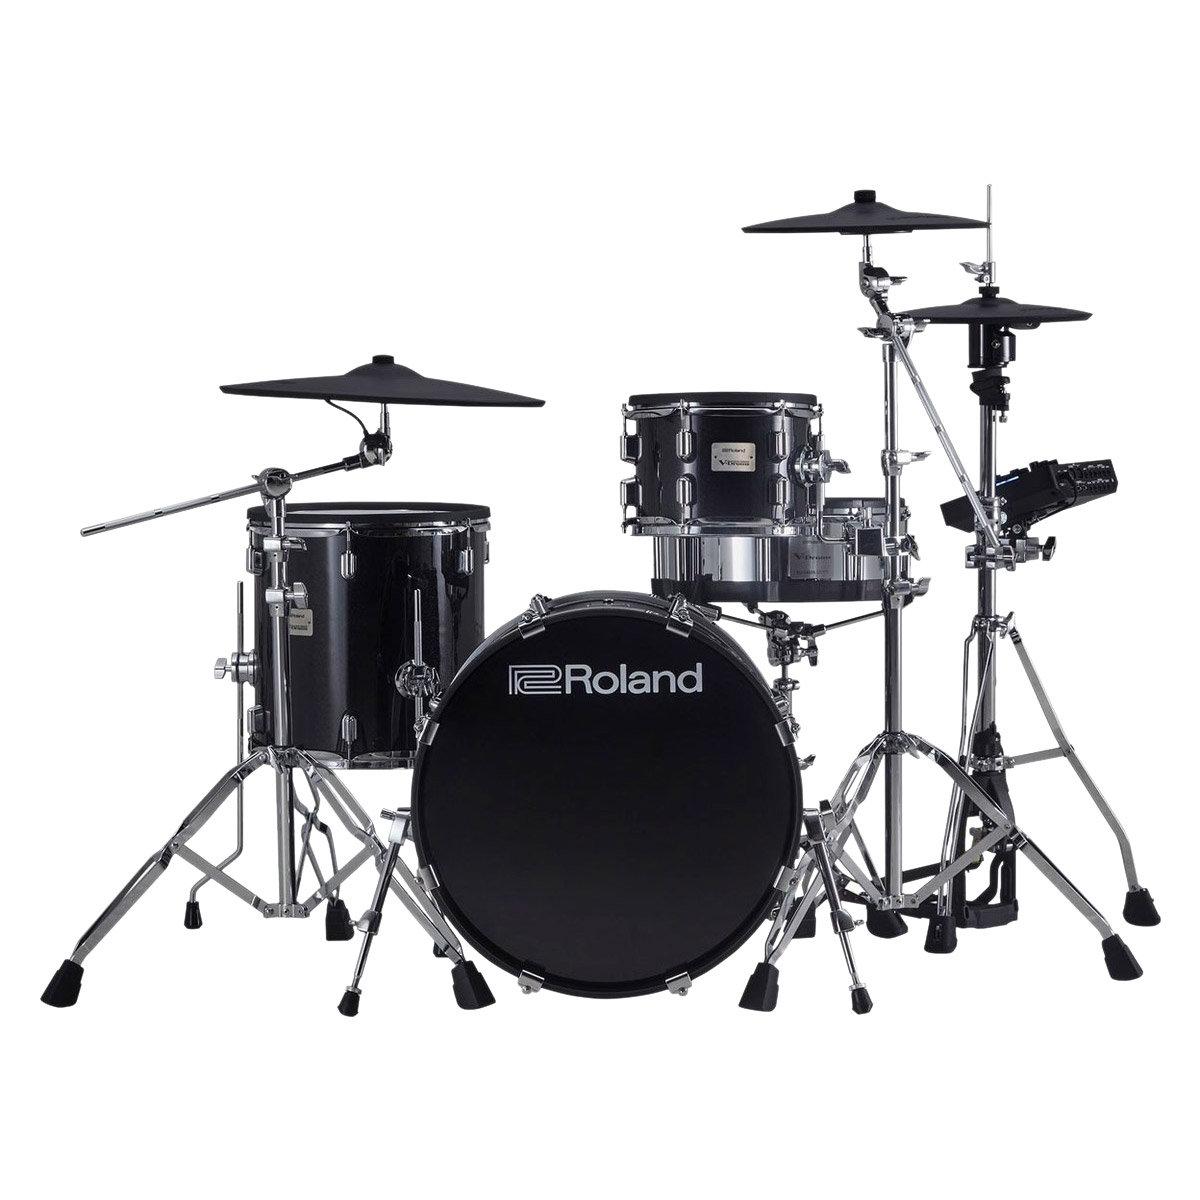 Roland v-drums vad503